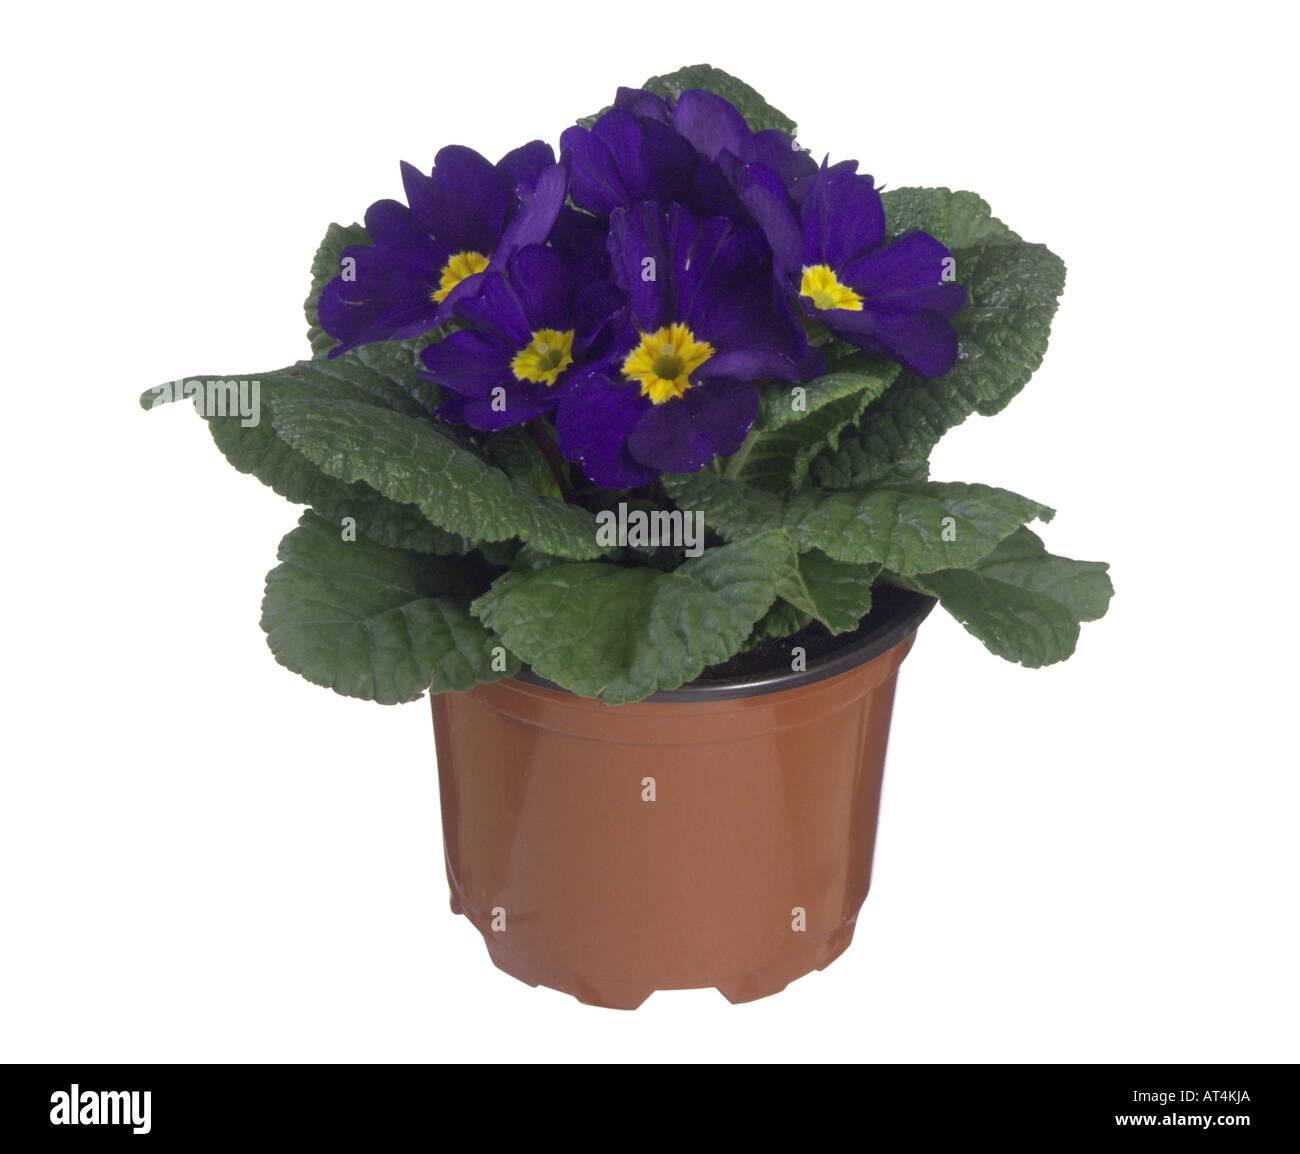 true English primrose (Primula acaulis, Primula vulgaris), potted plant - Stock Image